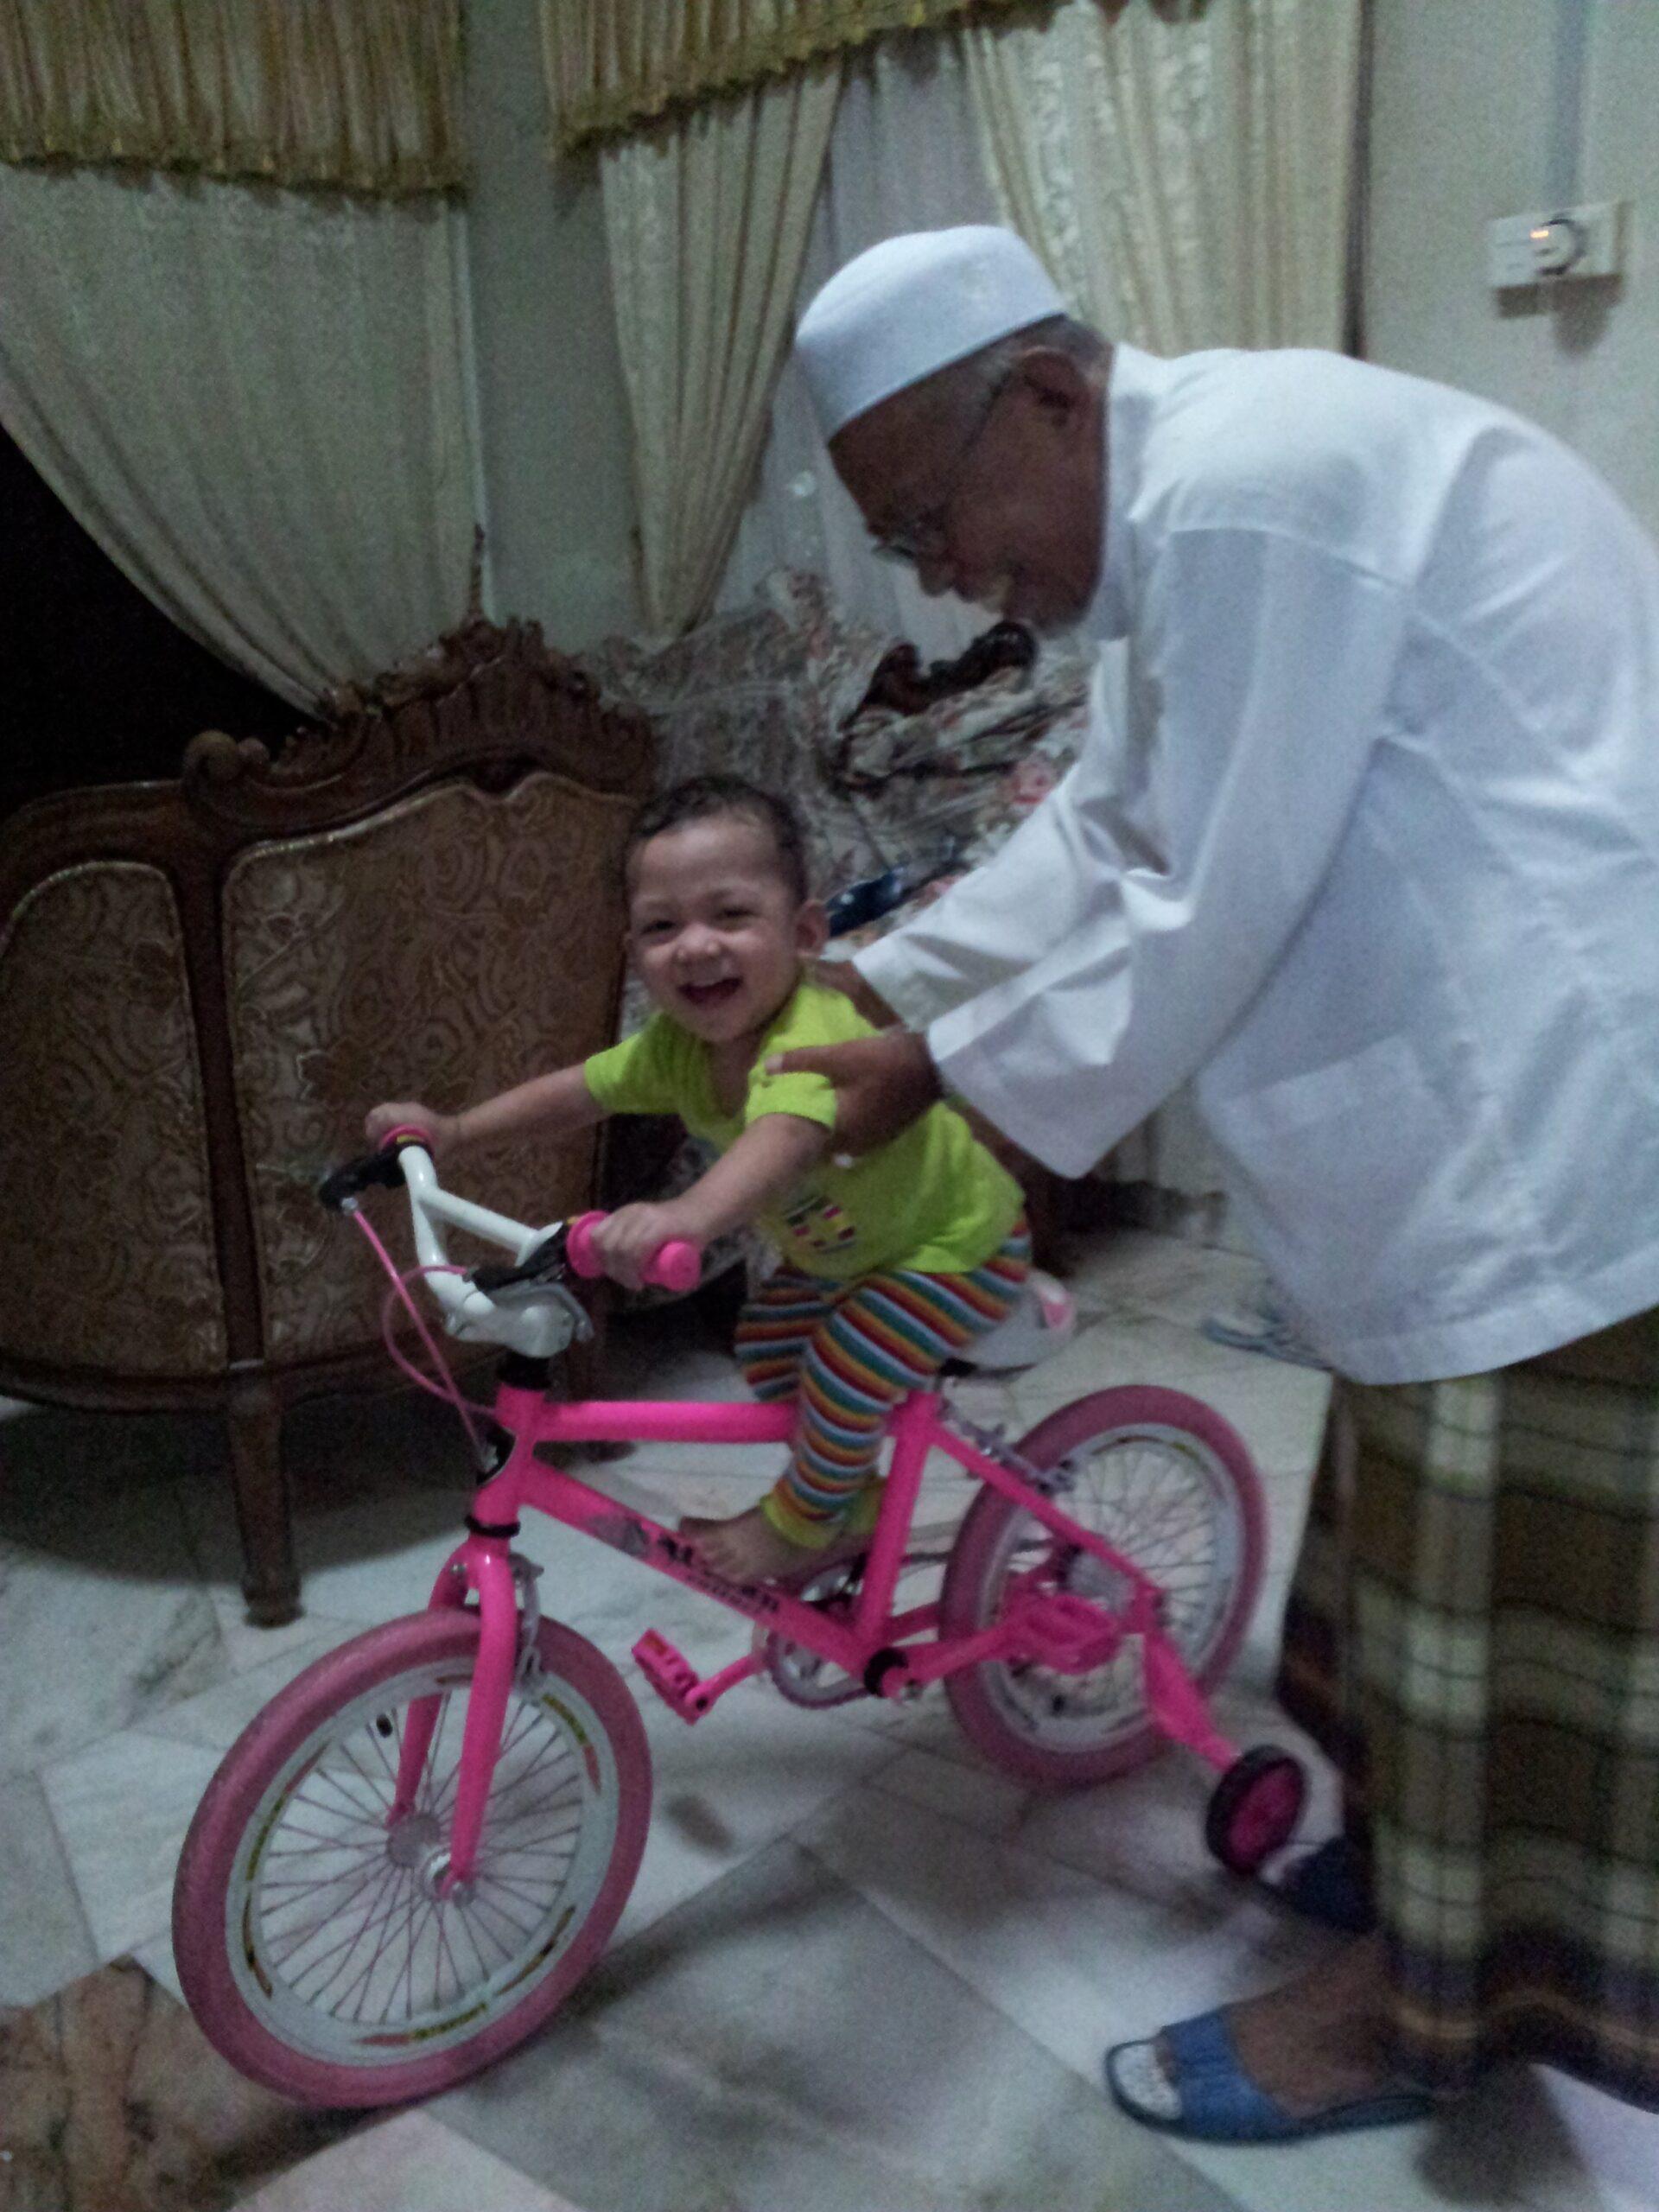 Faiq's first bike ride